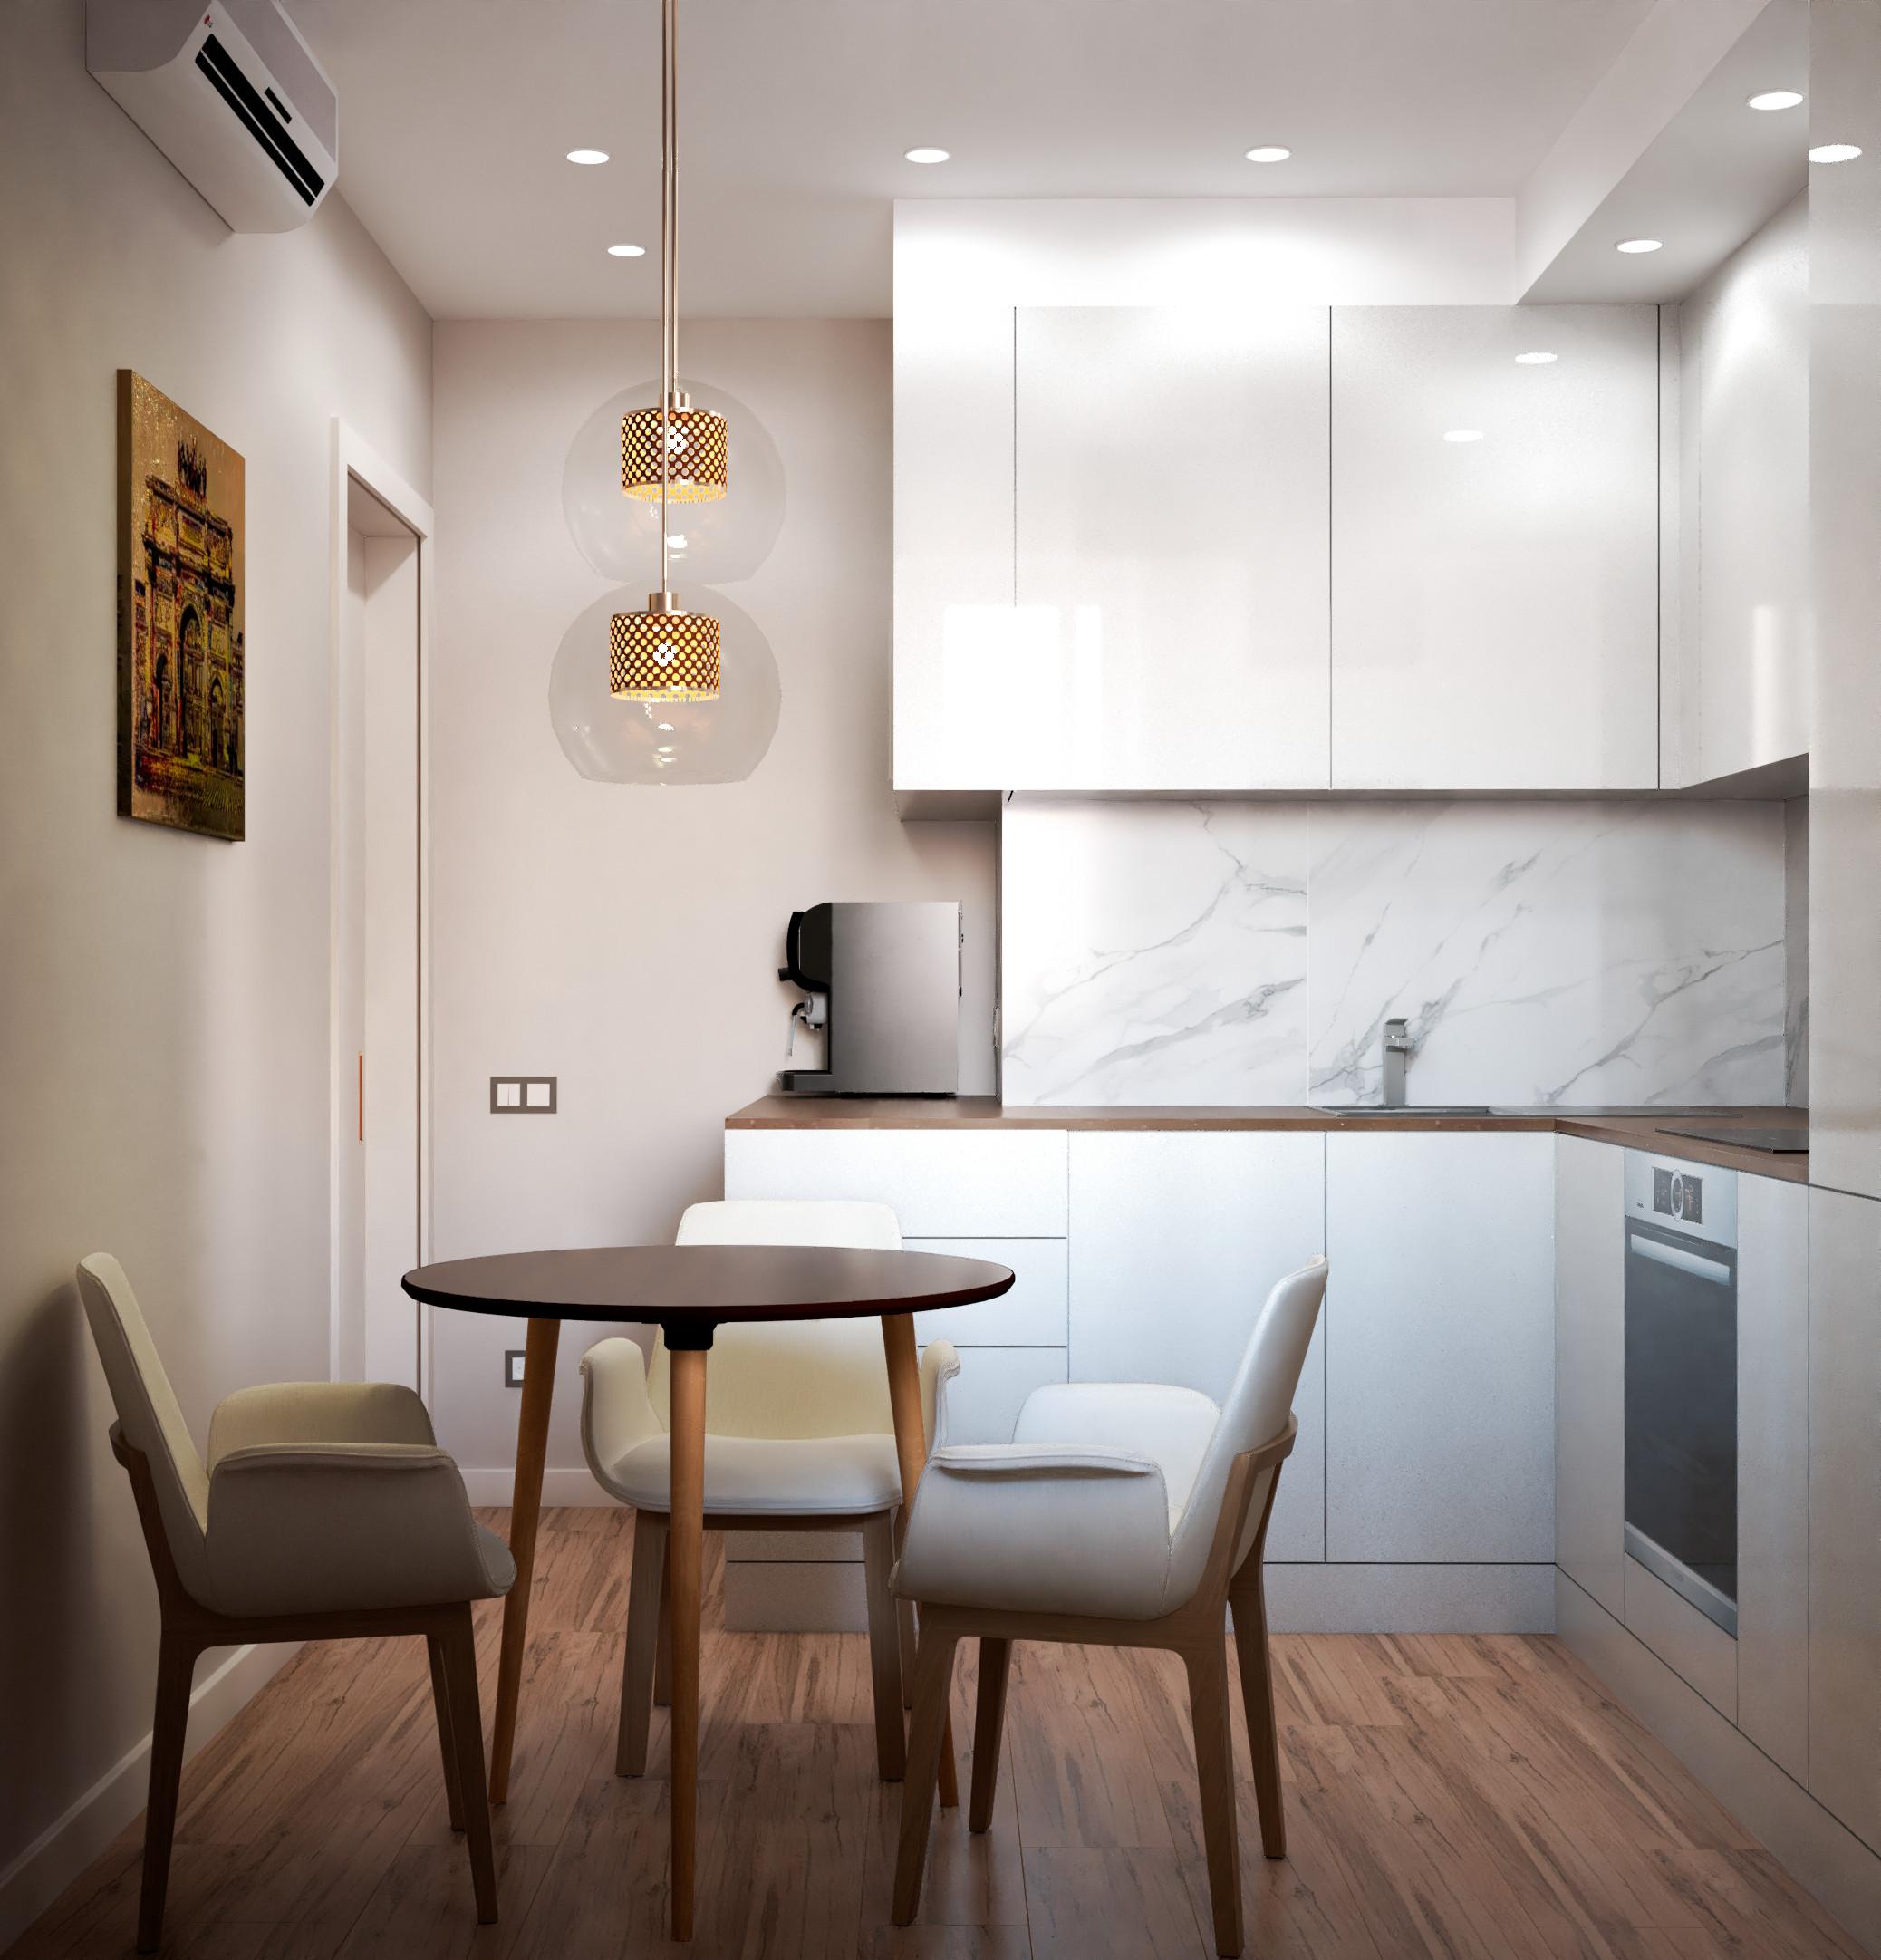 Квартира в современном стиле для молодой парыинте